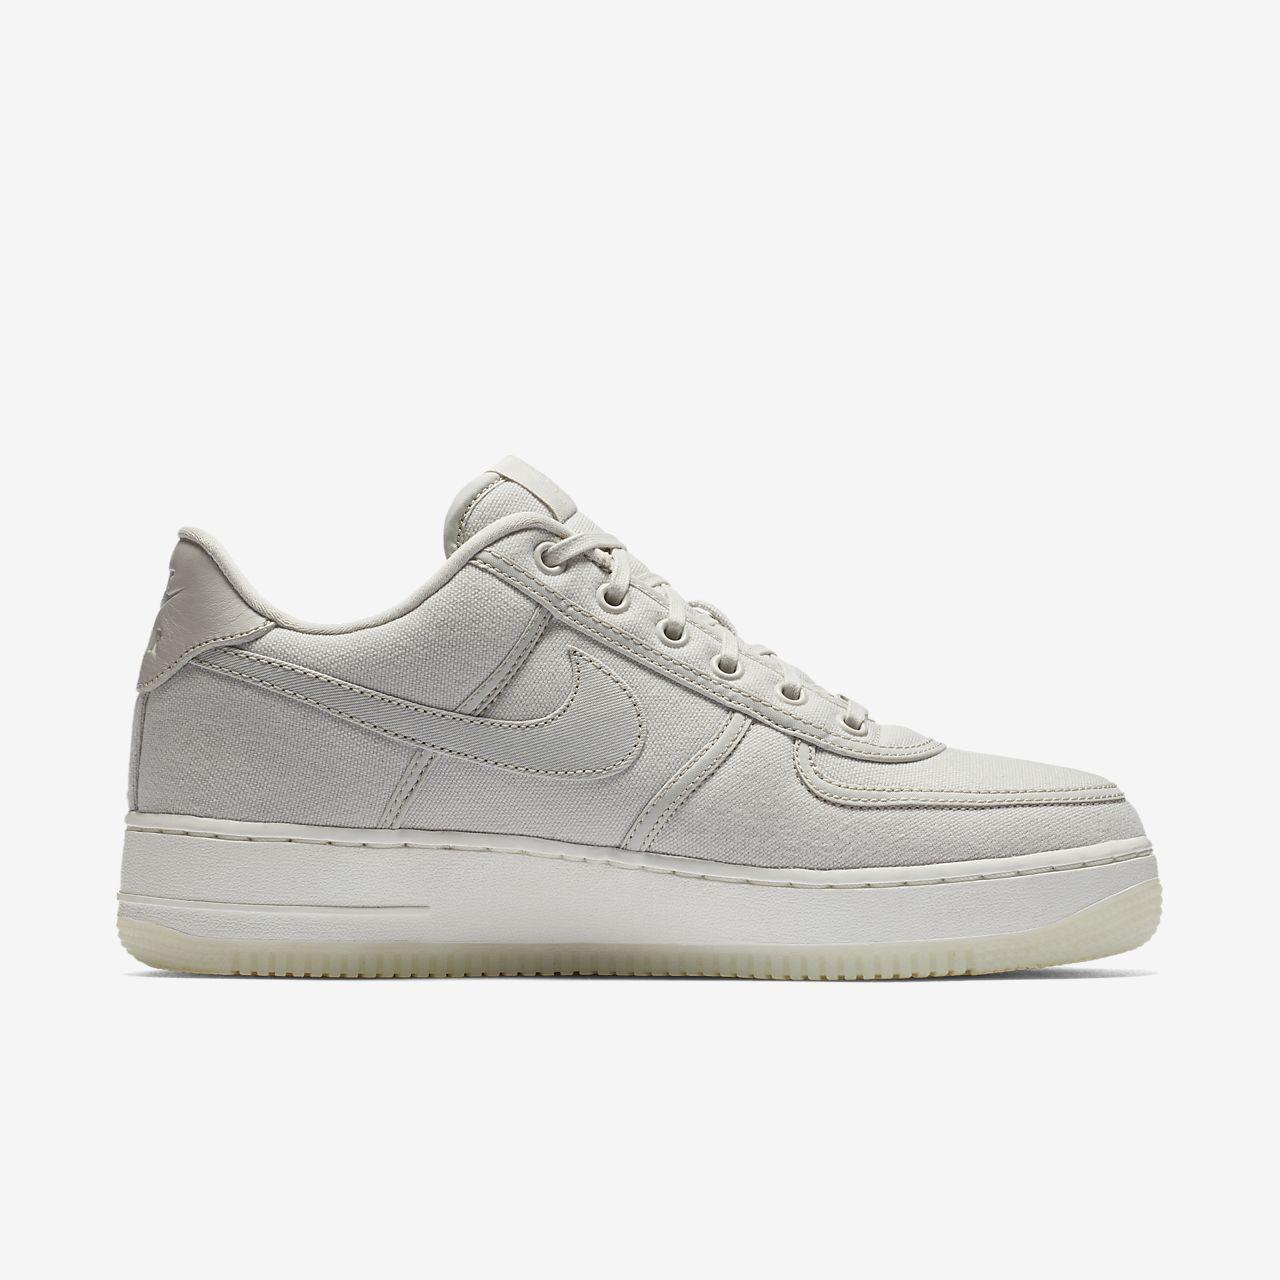 chaussures de sport 53ca6 11d3f Chaussure Nike Air Force 1 Low Retro QS pour Homme